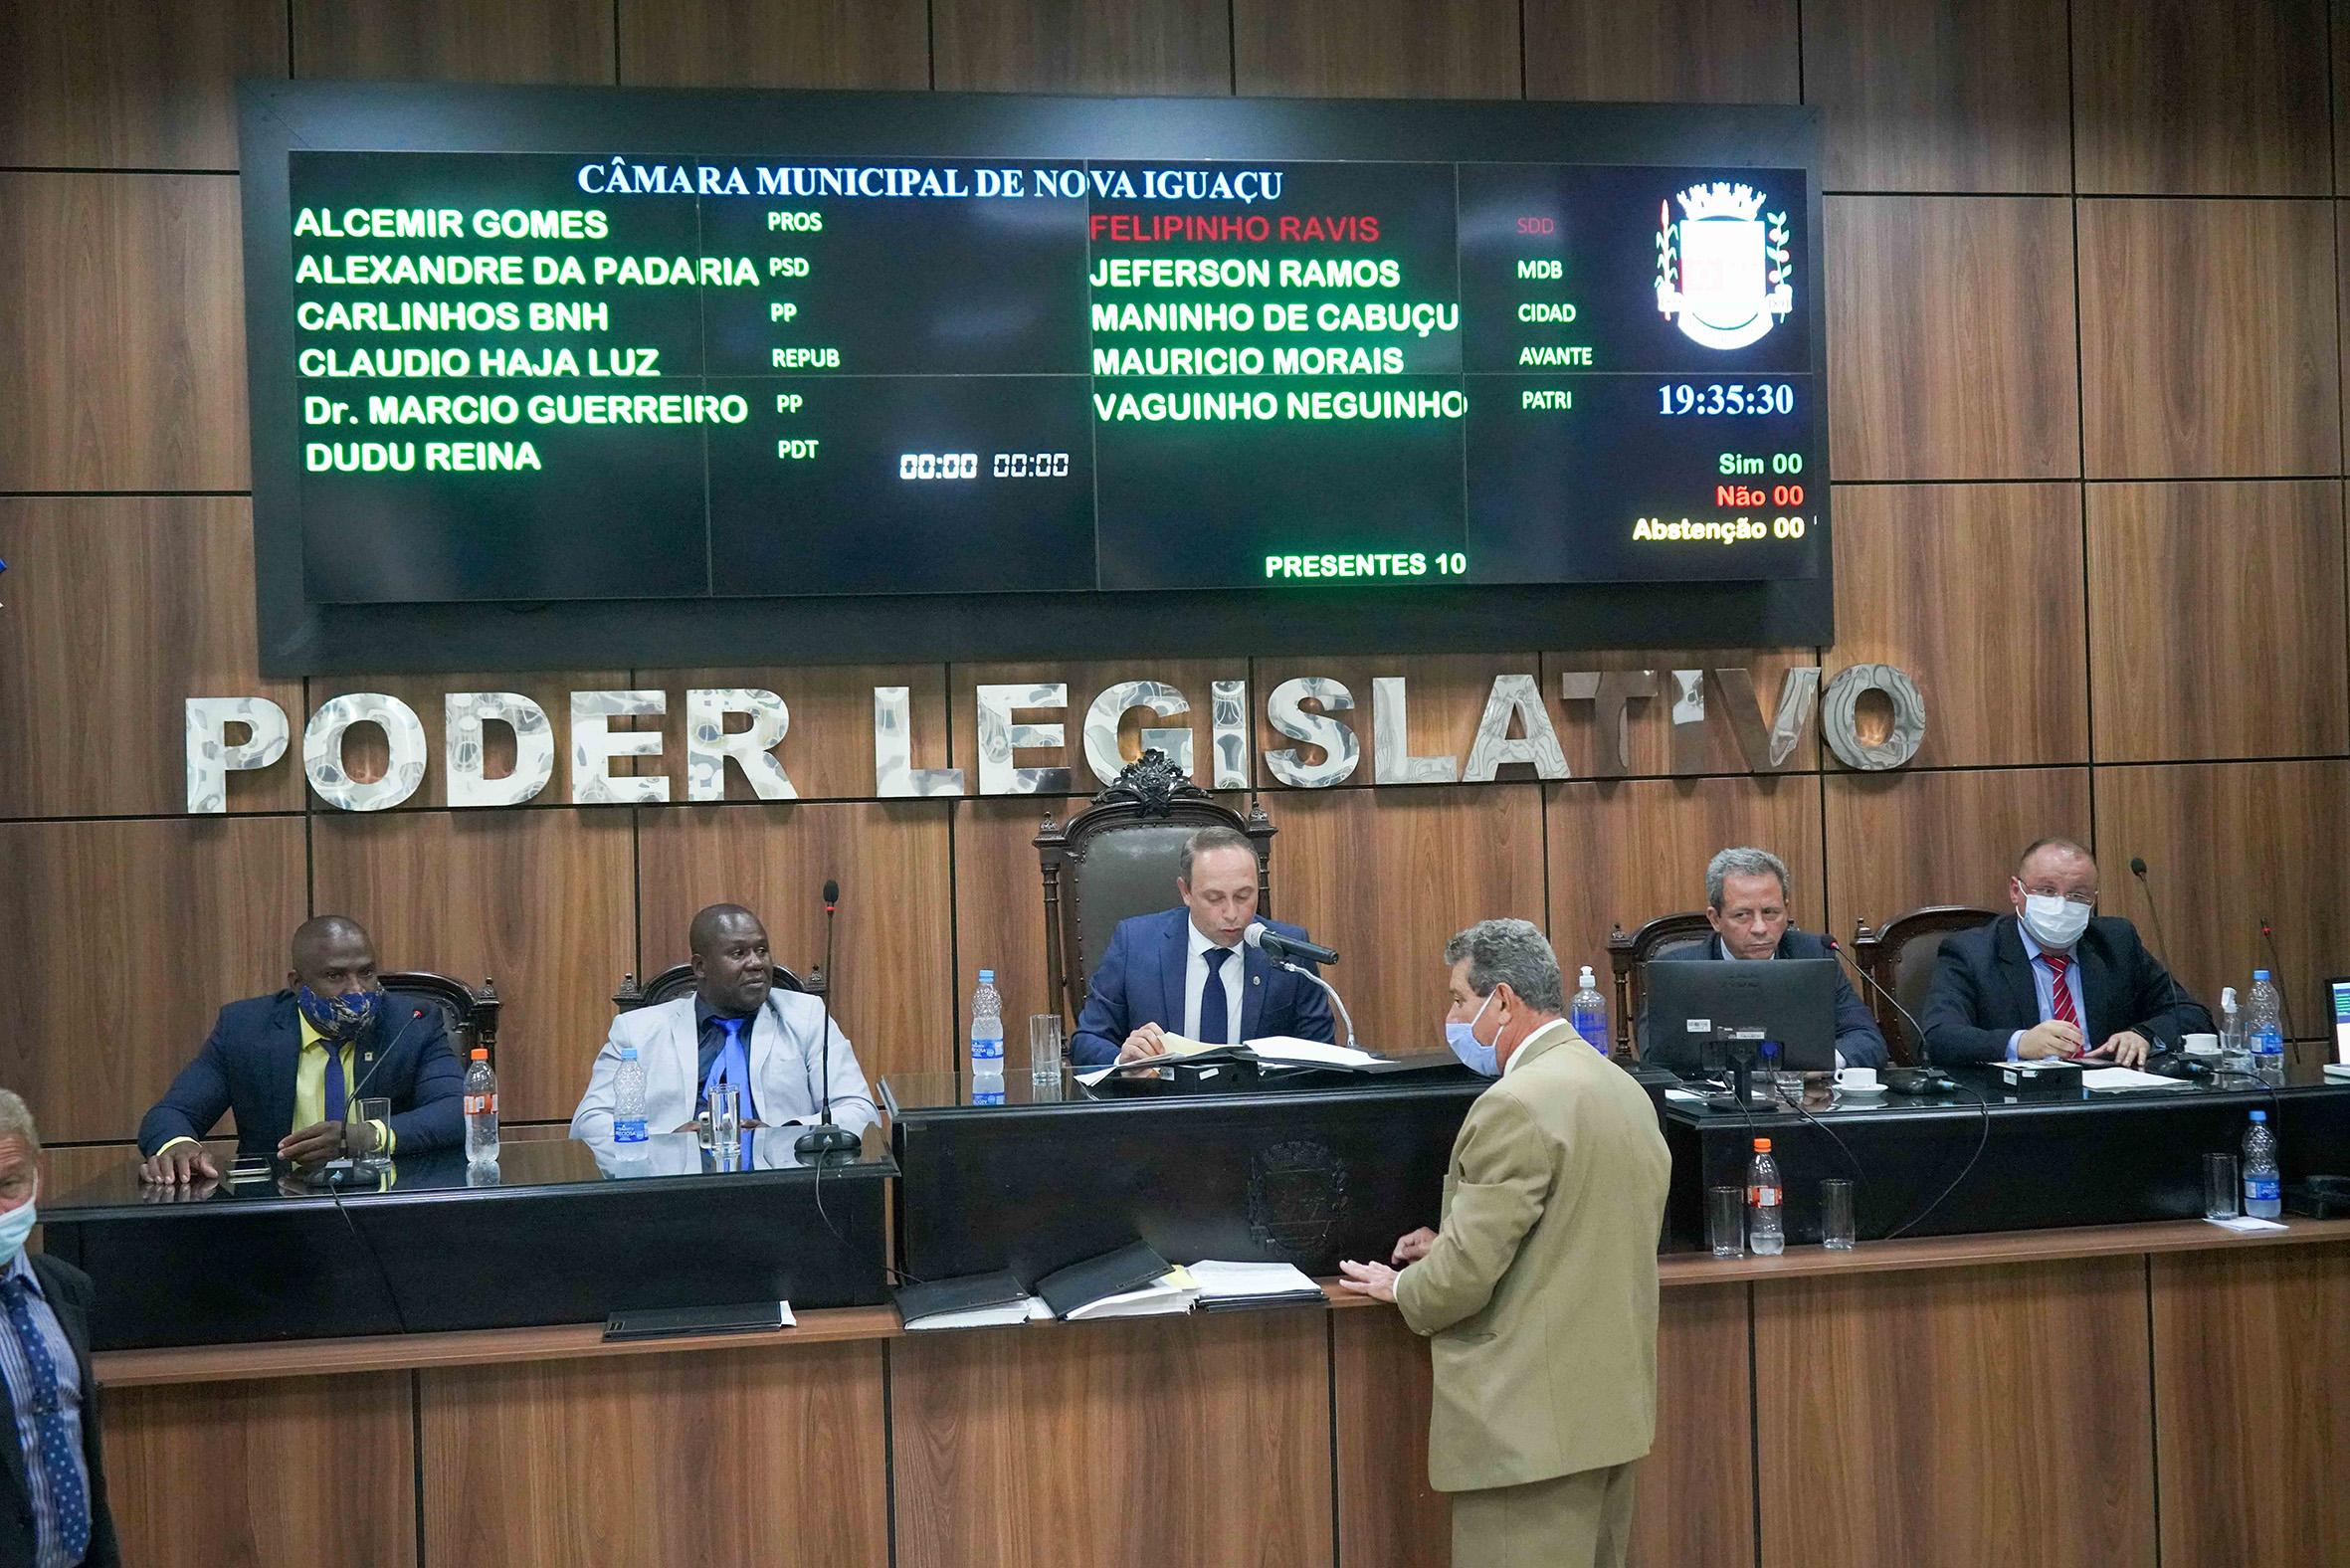 Aumento de cadeiras e pacotaço de obras vão facilitar em muito a reeleição de vereadores da base do governo em Nova Iguaçu